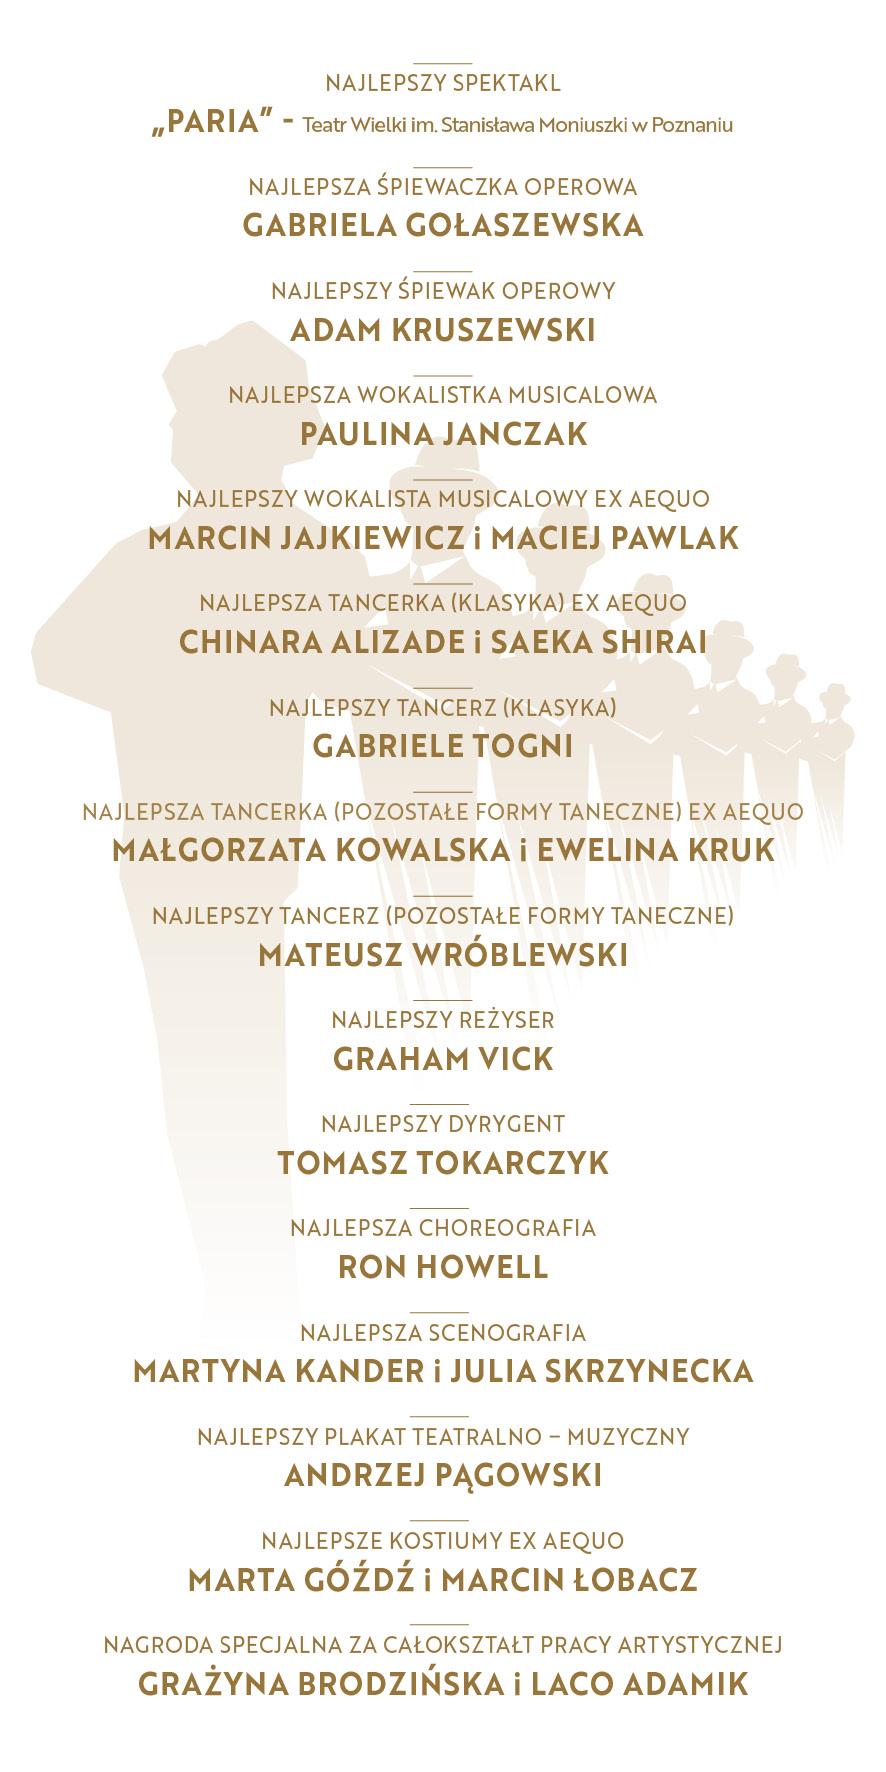 Laureaci, którzy otrzymali statuetki Teatralnych Nagród Muzycznych